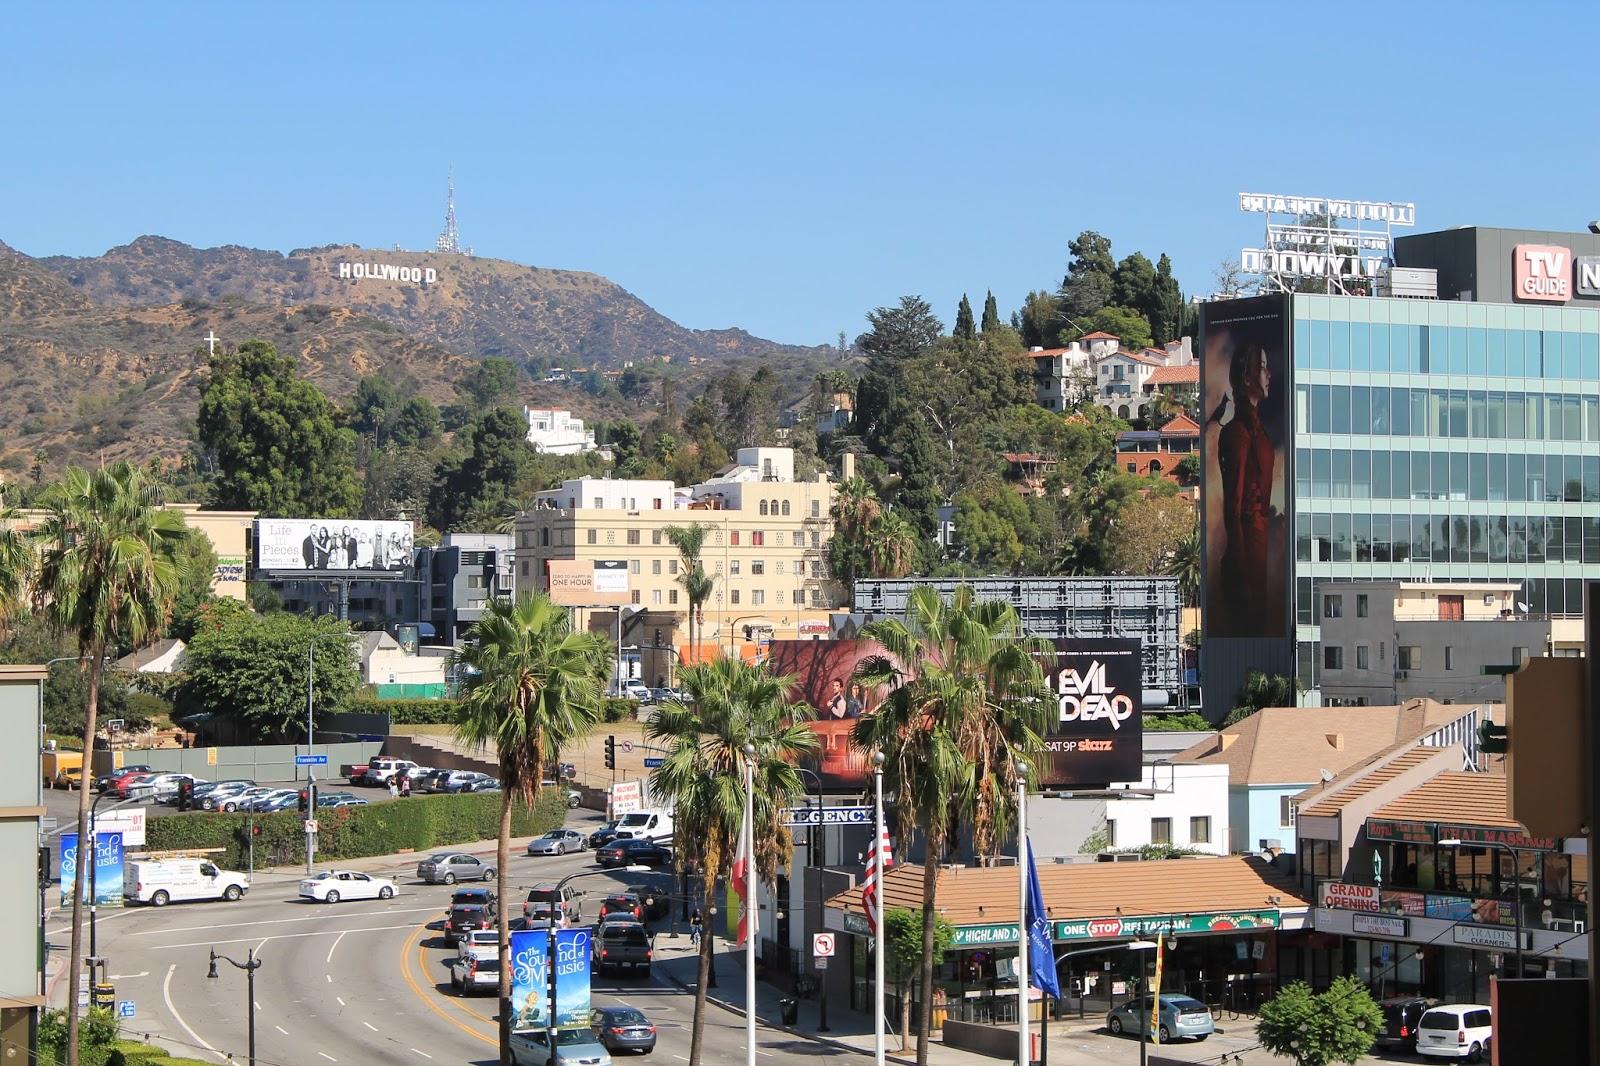 USA états unis amérique vacance transat roadtrip ouest américain hollywood boulevard lettre lettres colline